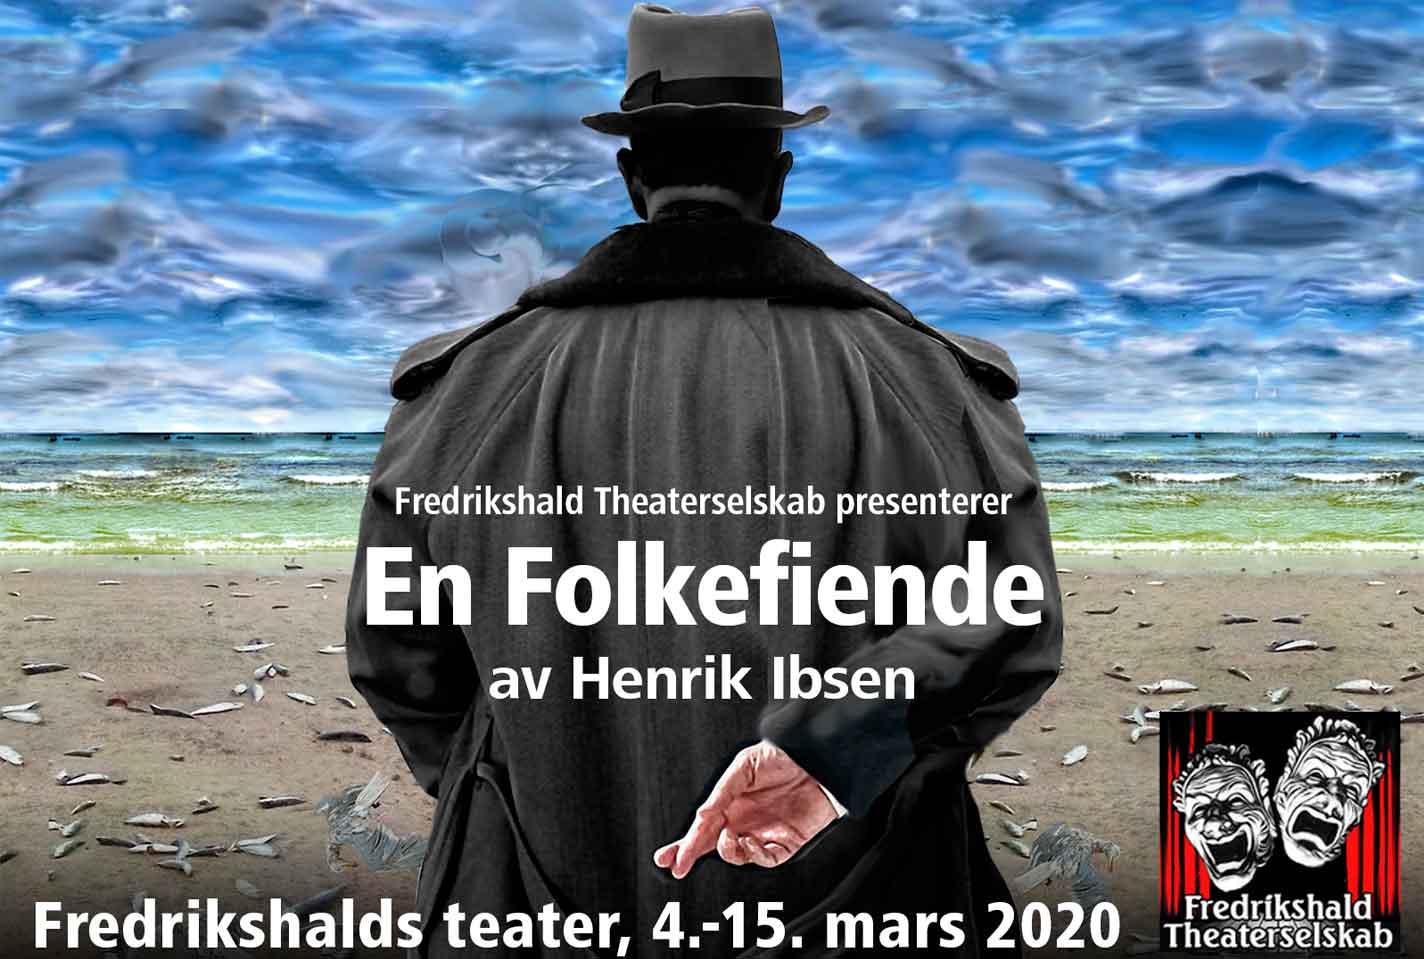 En Folkefiende av Henrik Ibsen